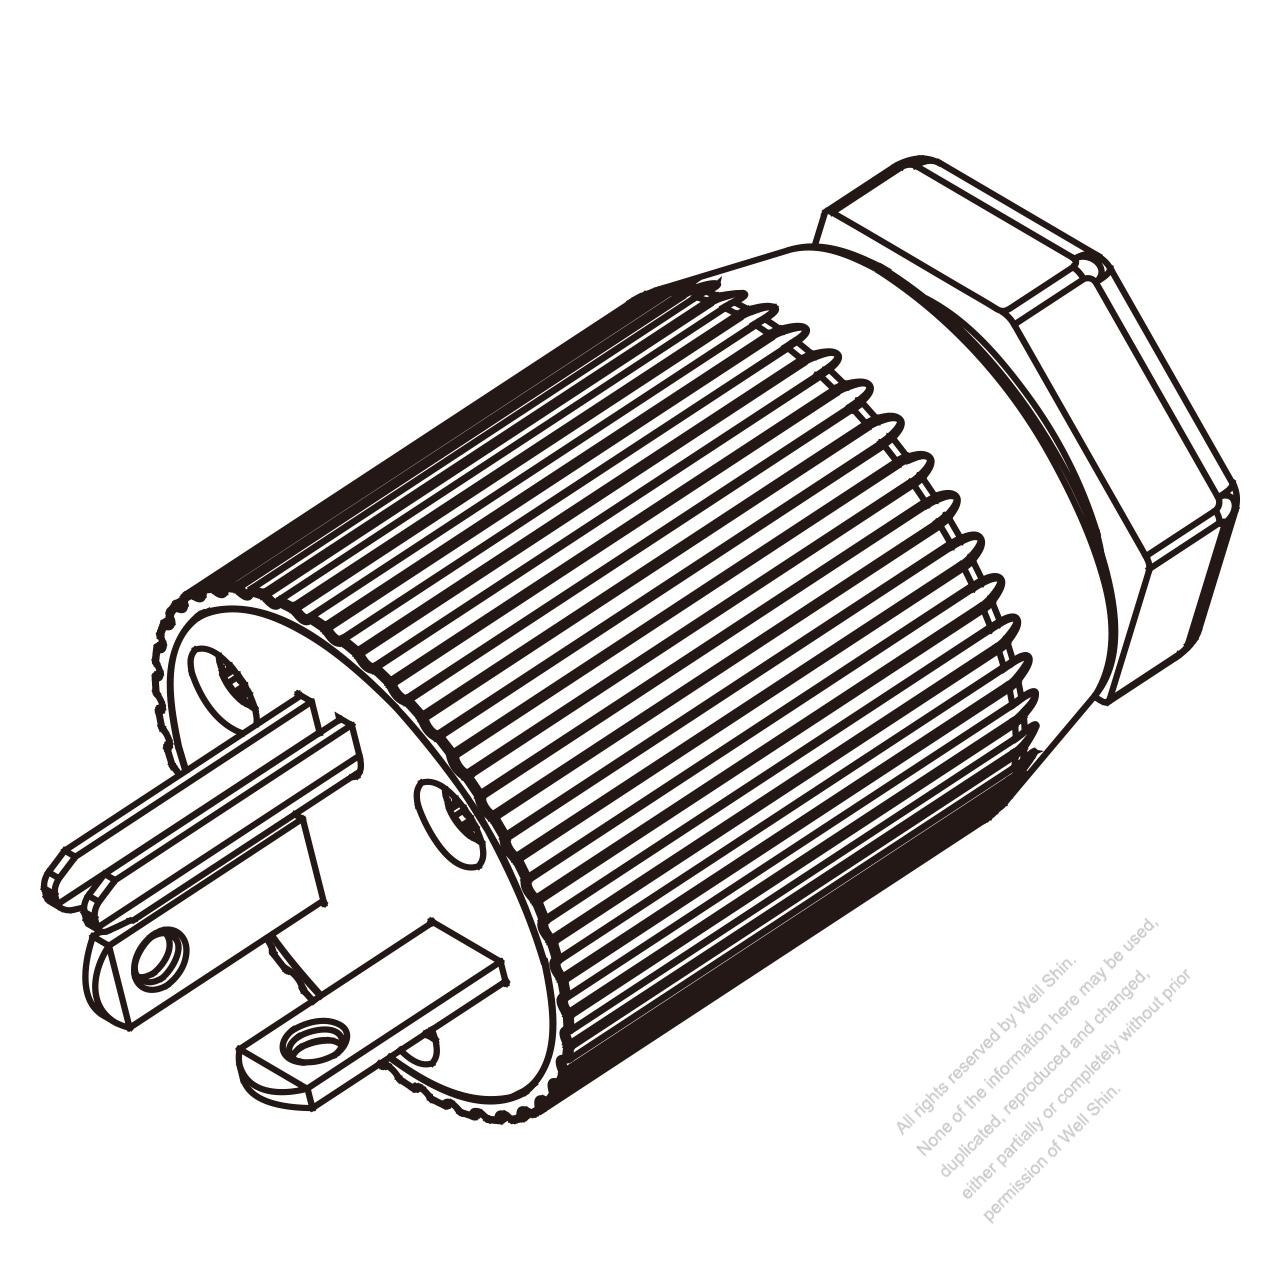 usa  canada  nema 6-20p  3-pin straight blade plug  2 p  3 wire grounding 20a 250v